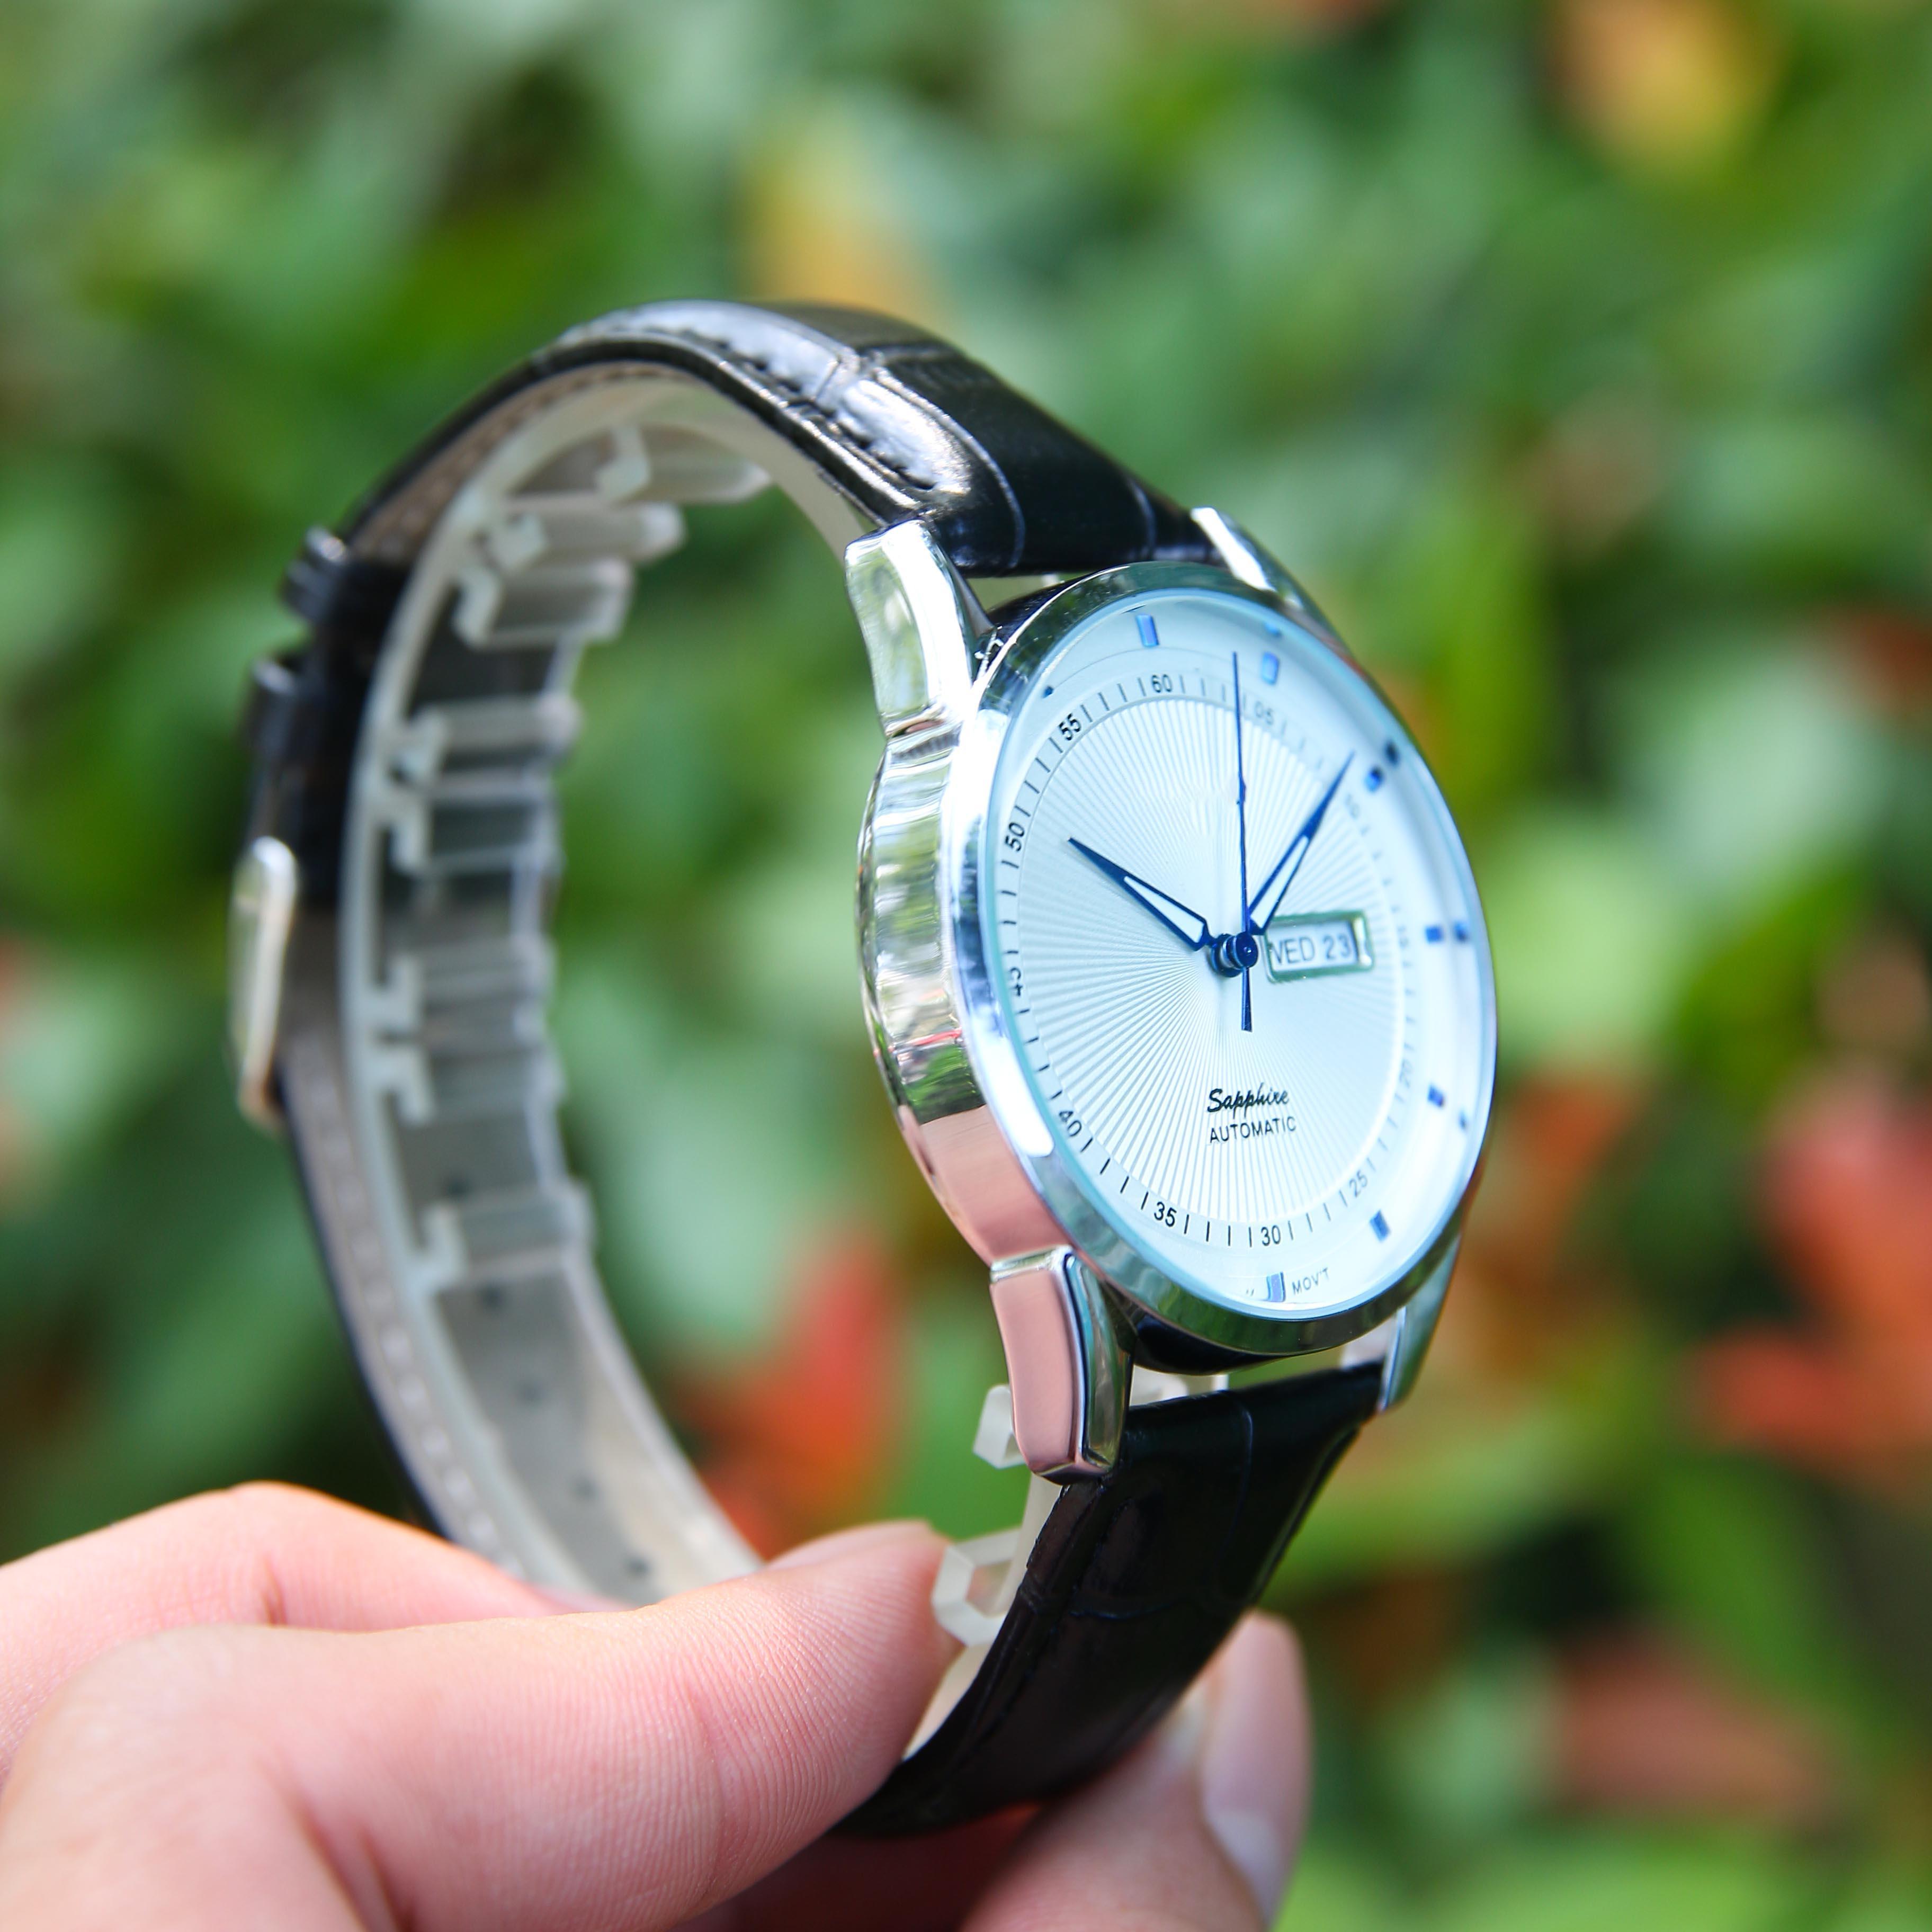 Đồng hồ nam dây da cao cấp SE0006888 - Thiết kế lịch sự, trẻ trung - Mặt kính cứng chống nước, chống xước hiệu quả